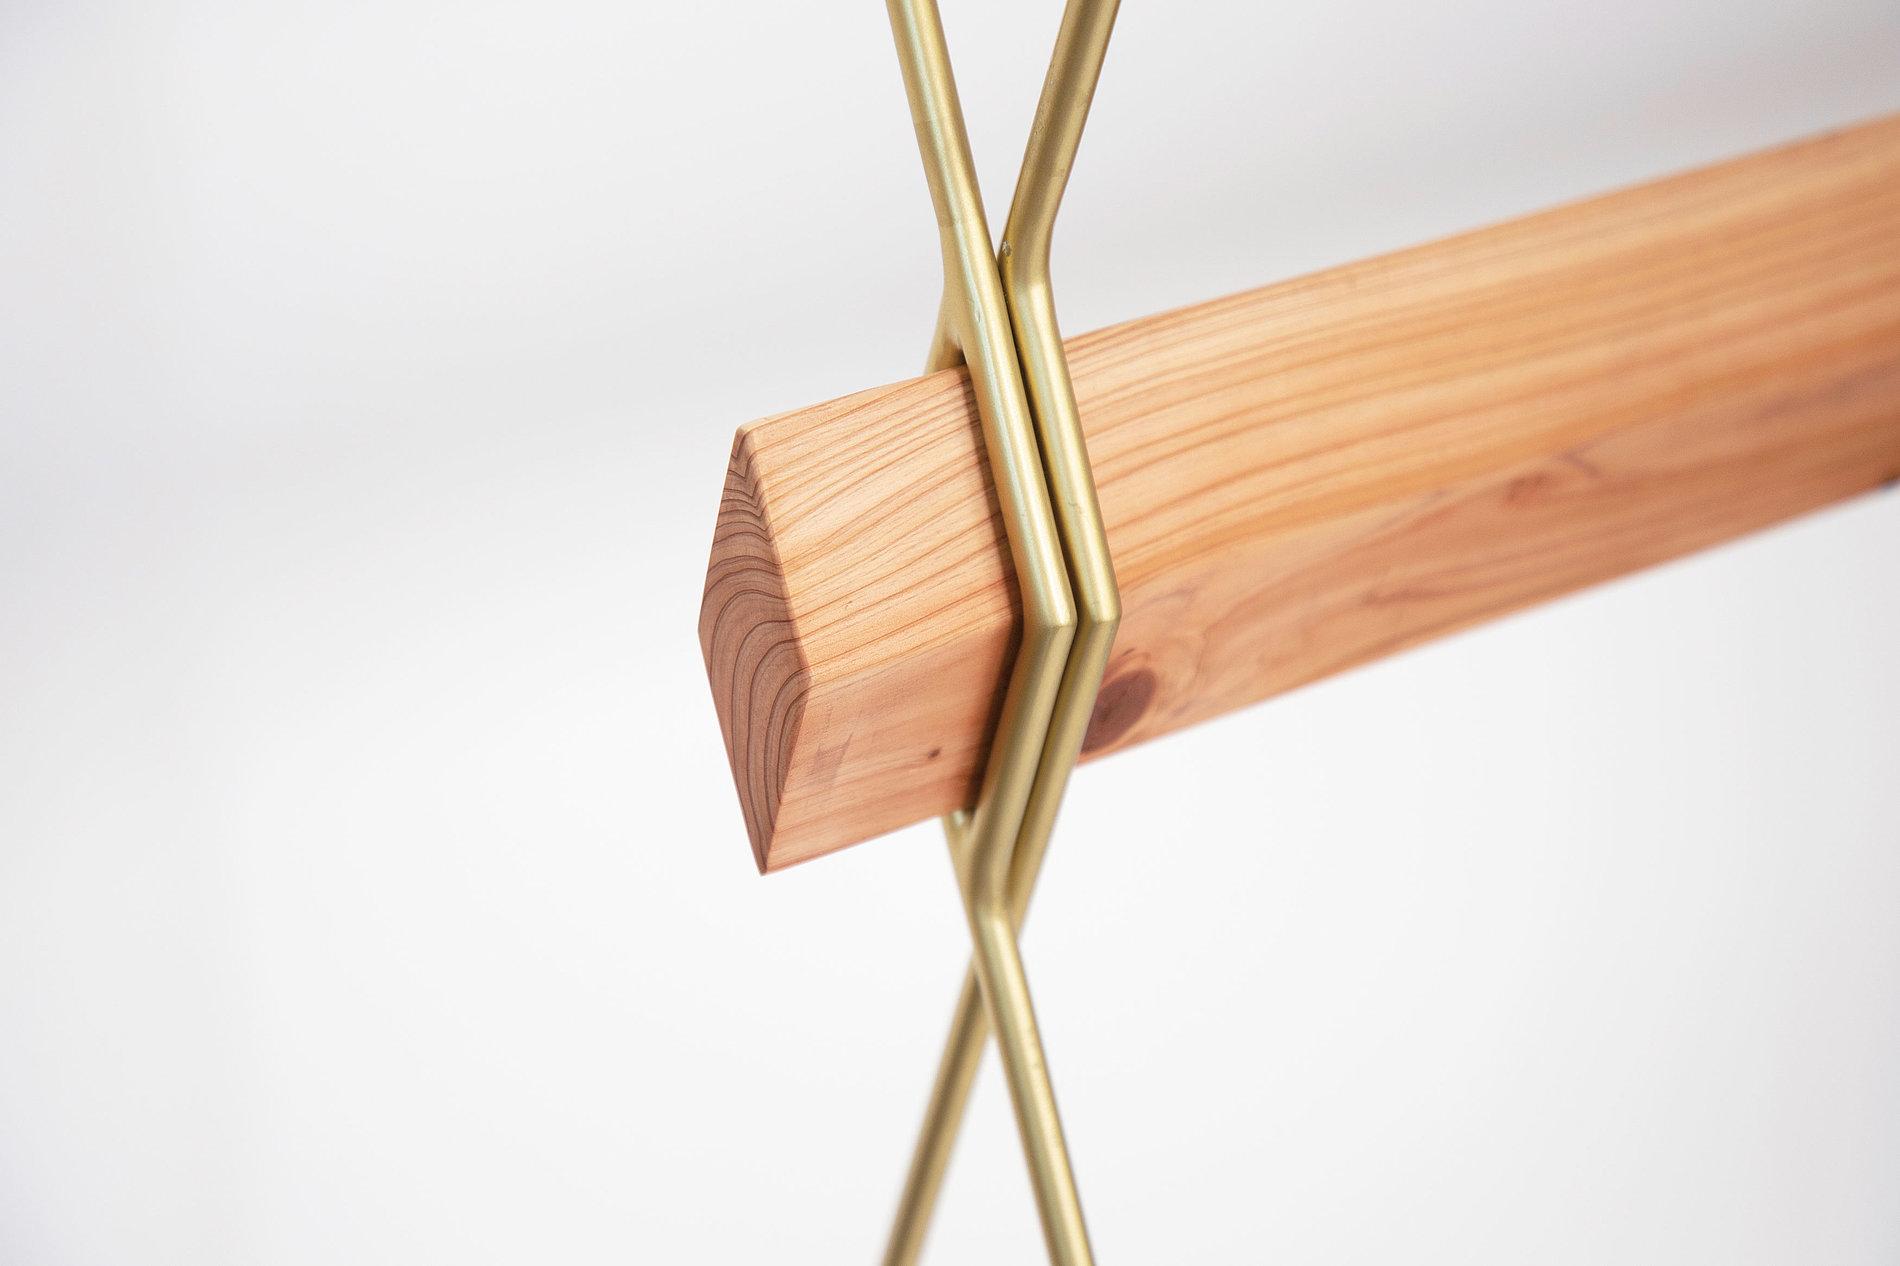 Butterfly Hanger | Red Dot Design Award